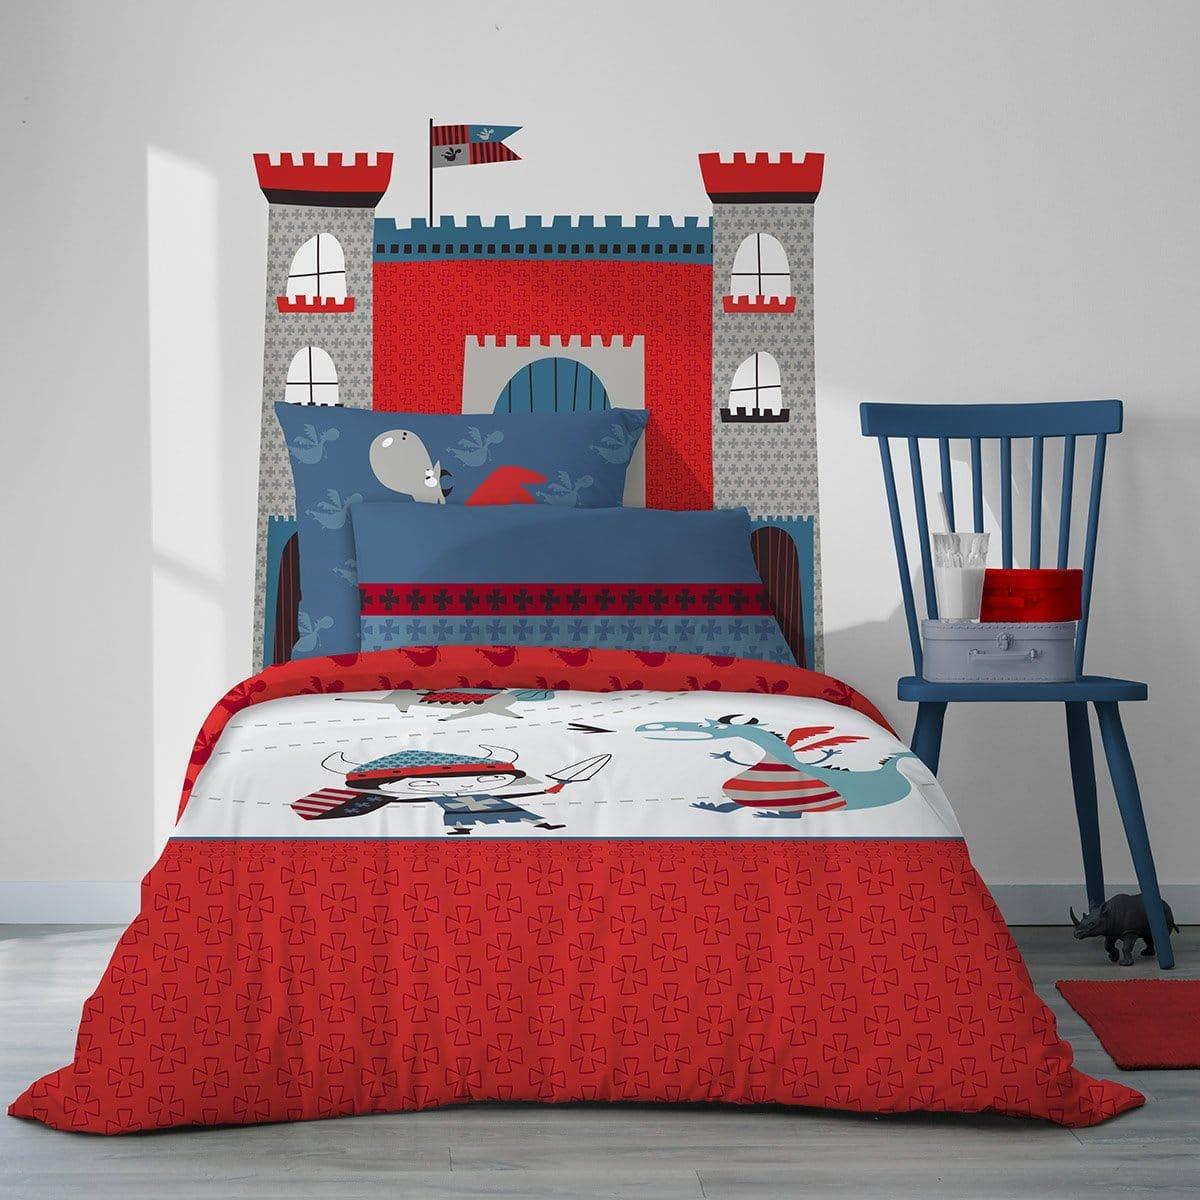 Meubles pour chambre de chevalier : le lit pour enfant de